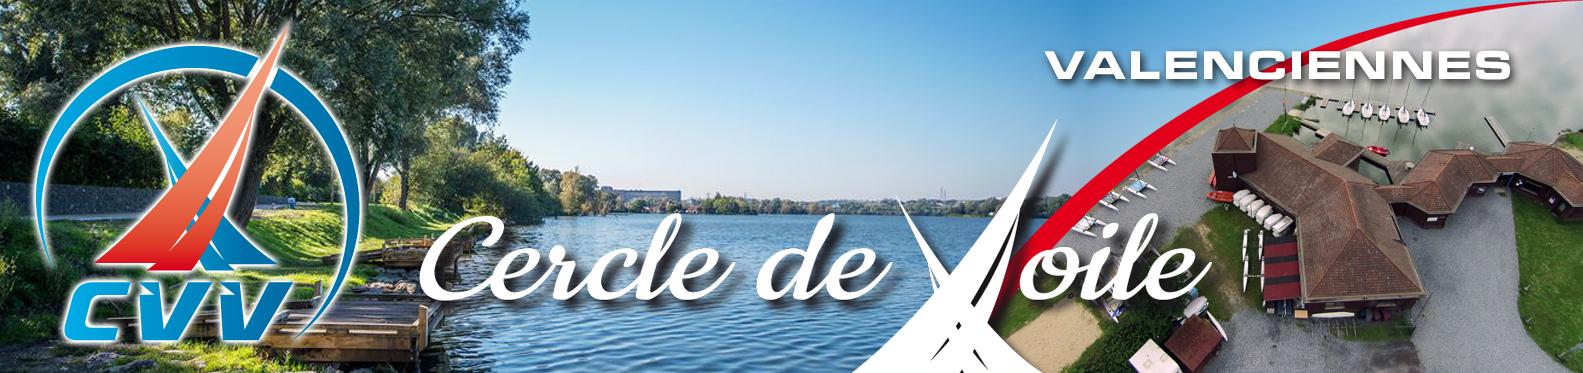 Cercle De Voile de Valenciennes